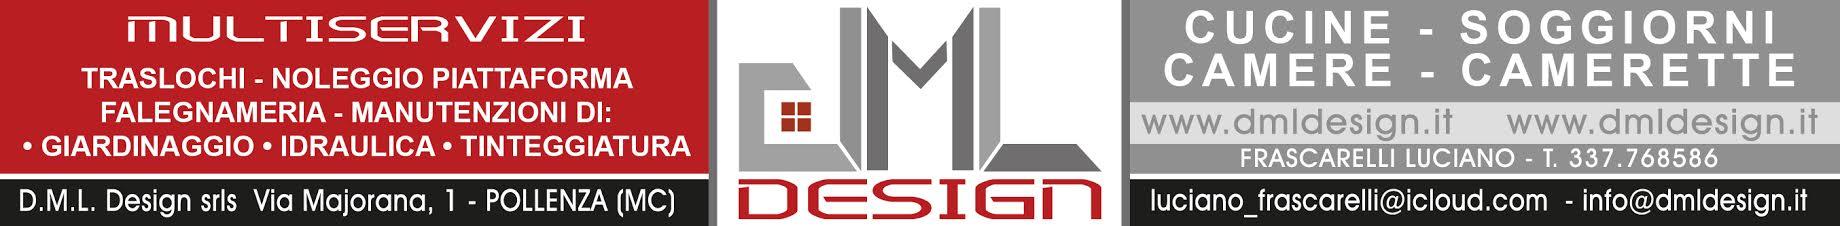 DML Design